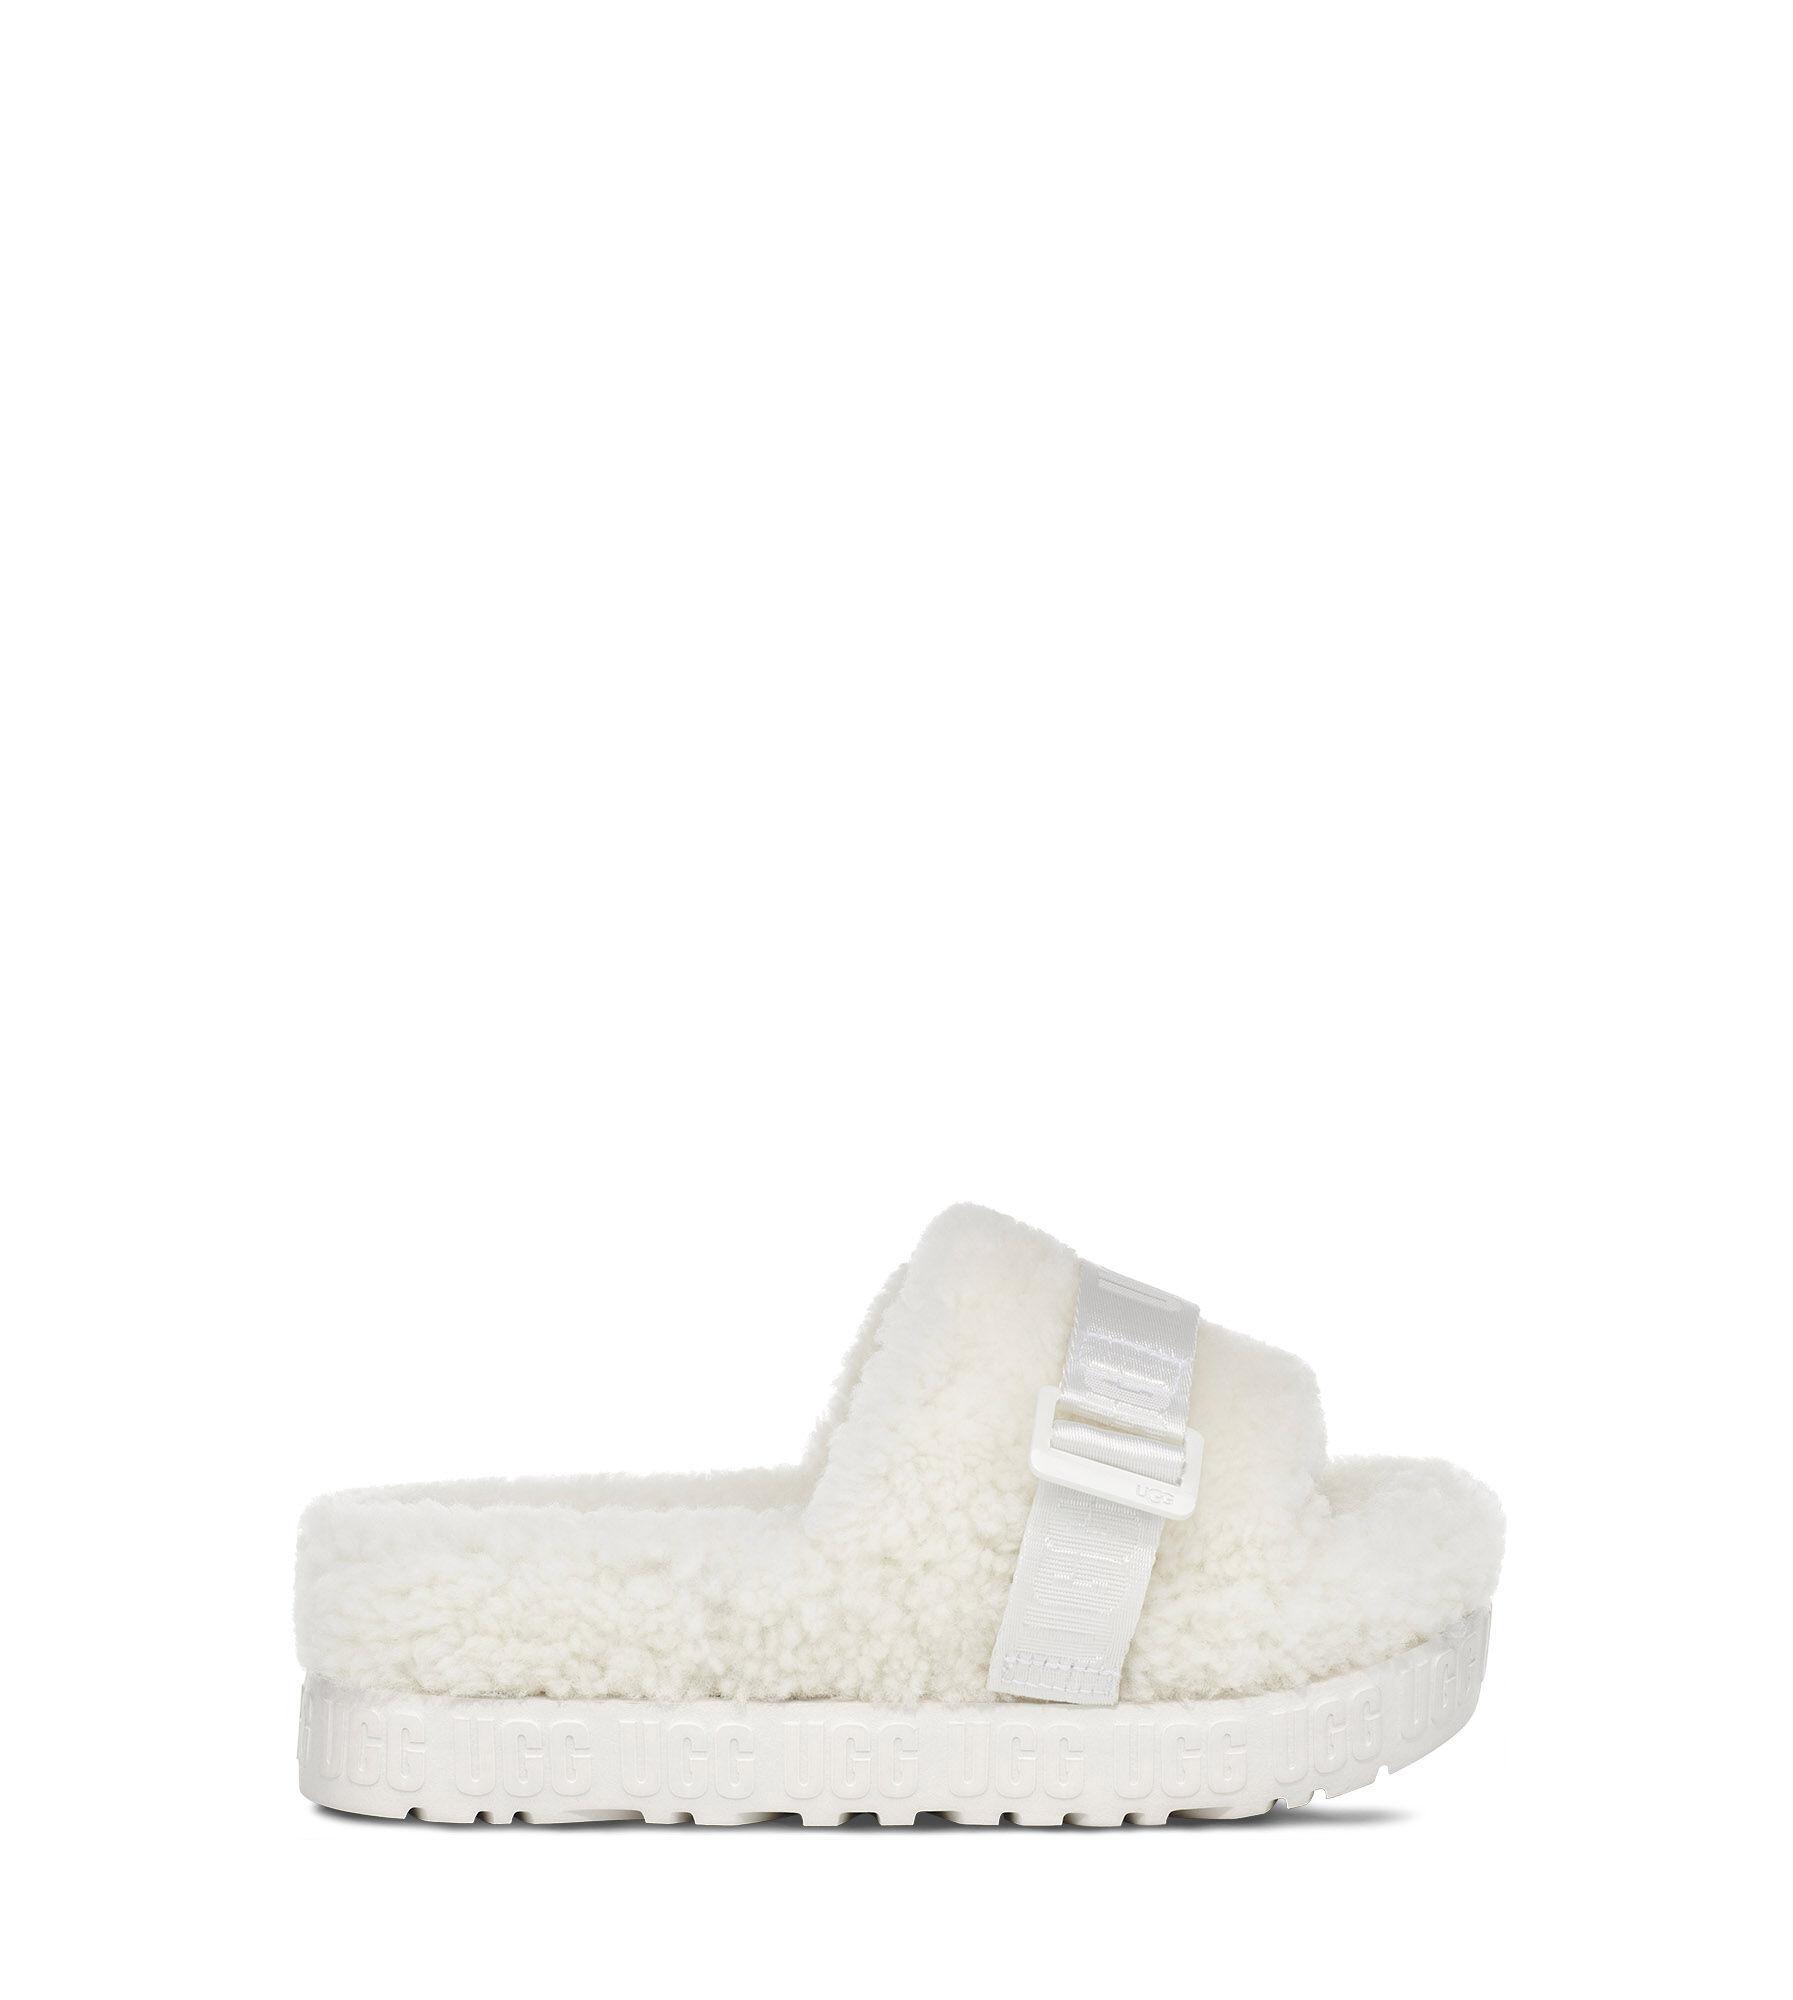 UGG® Heels \u0026 Wedge Sandals | UGG® Official